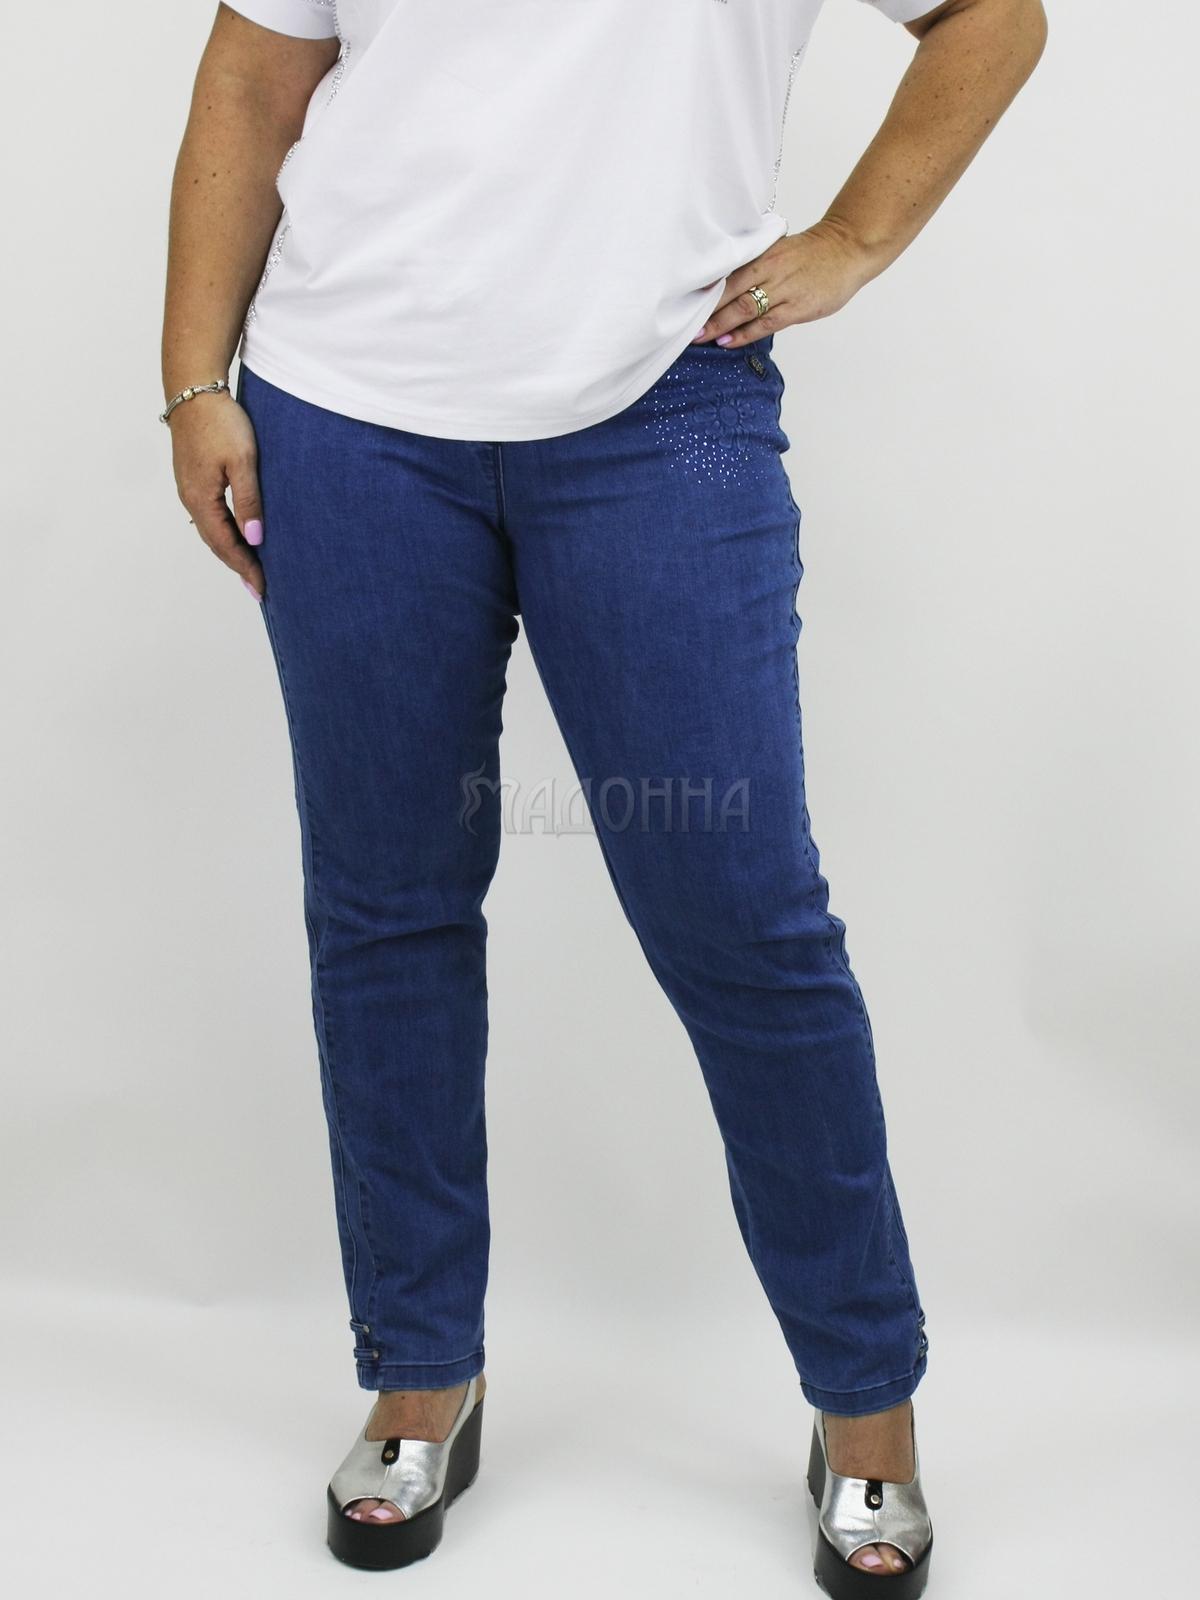 летние брюки больших размеров для женщин